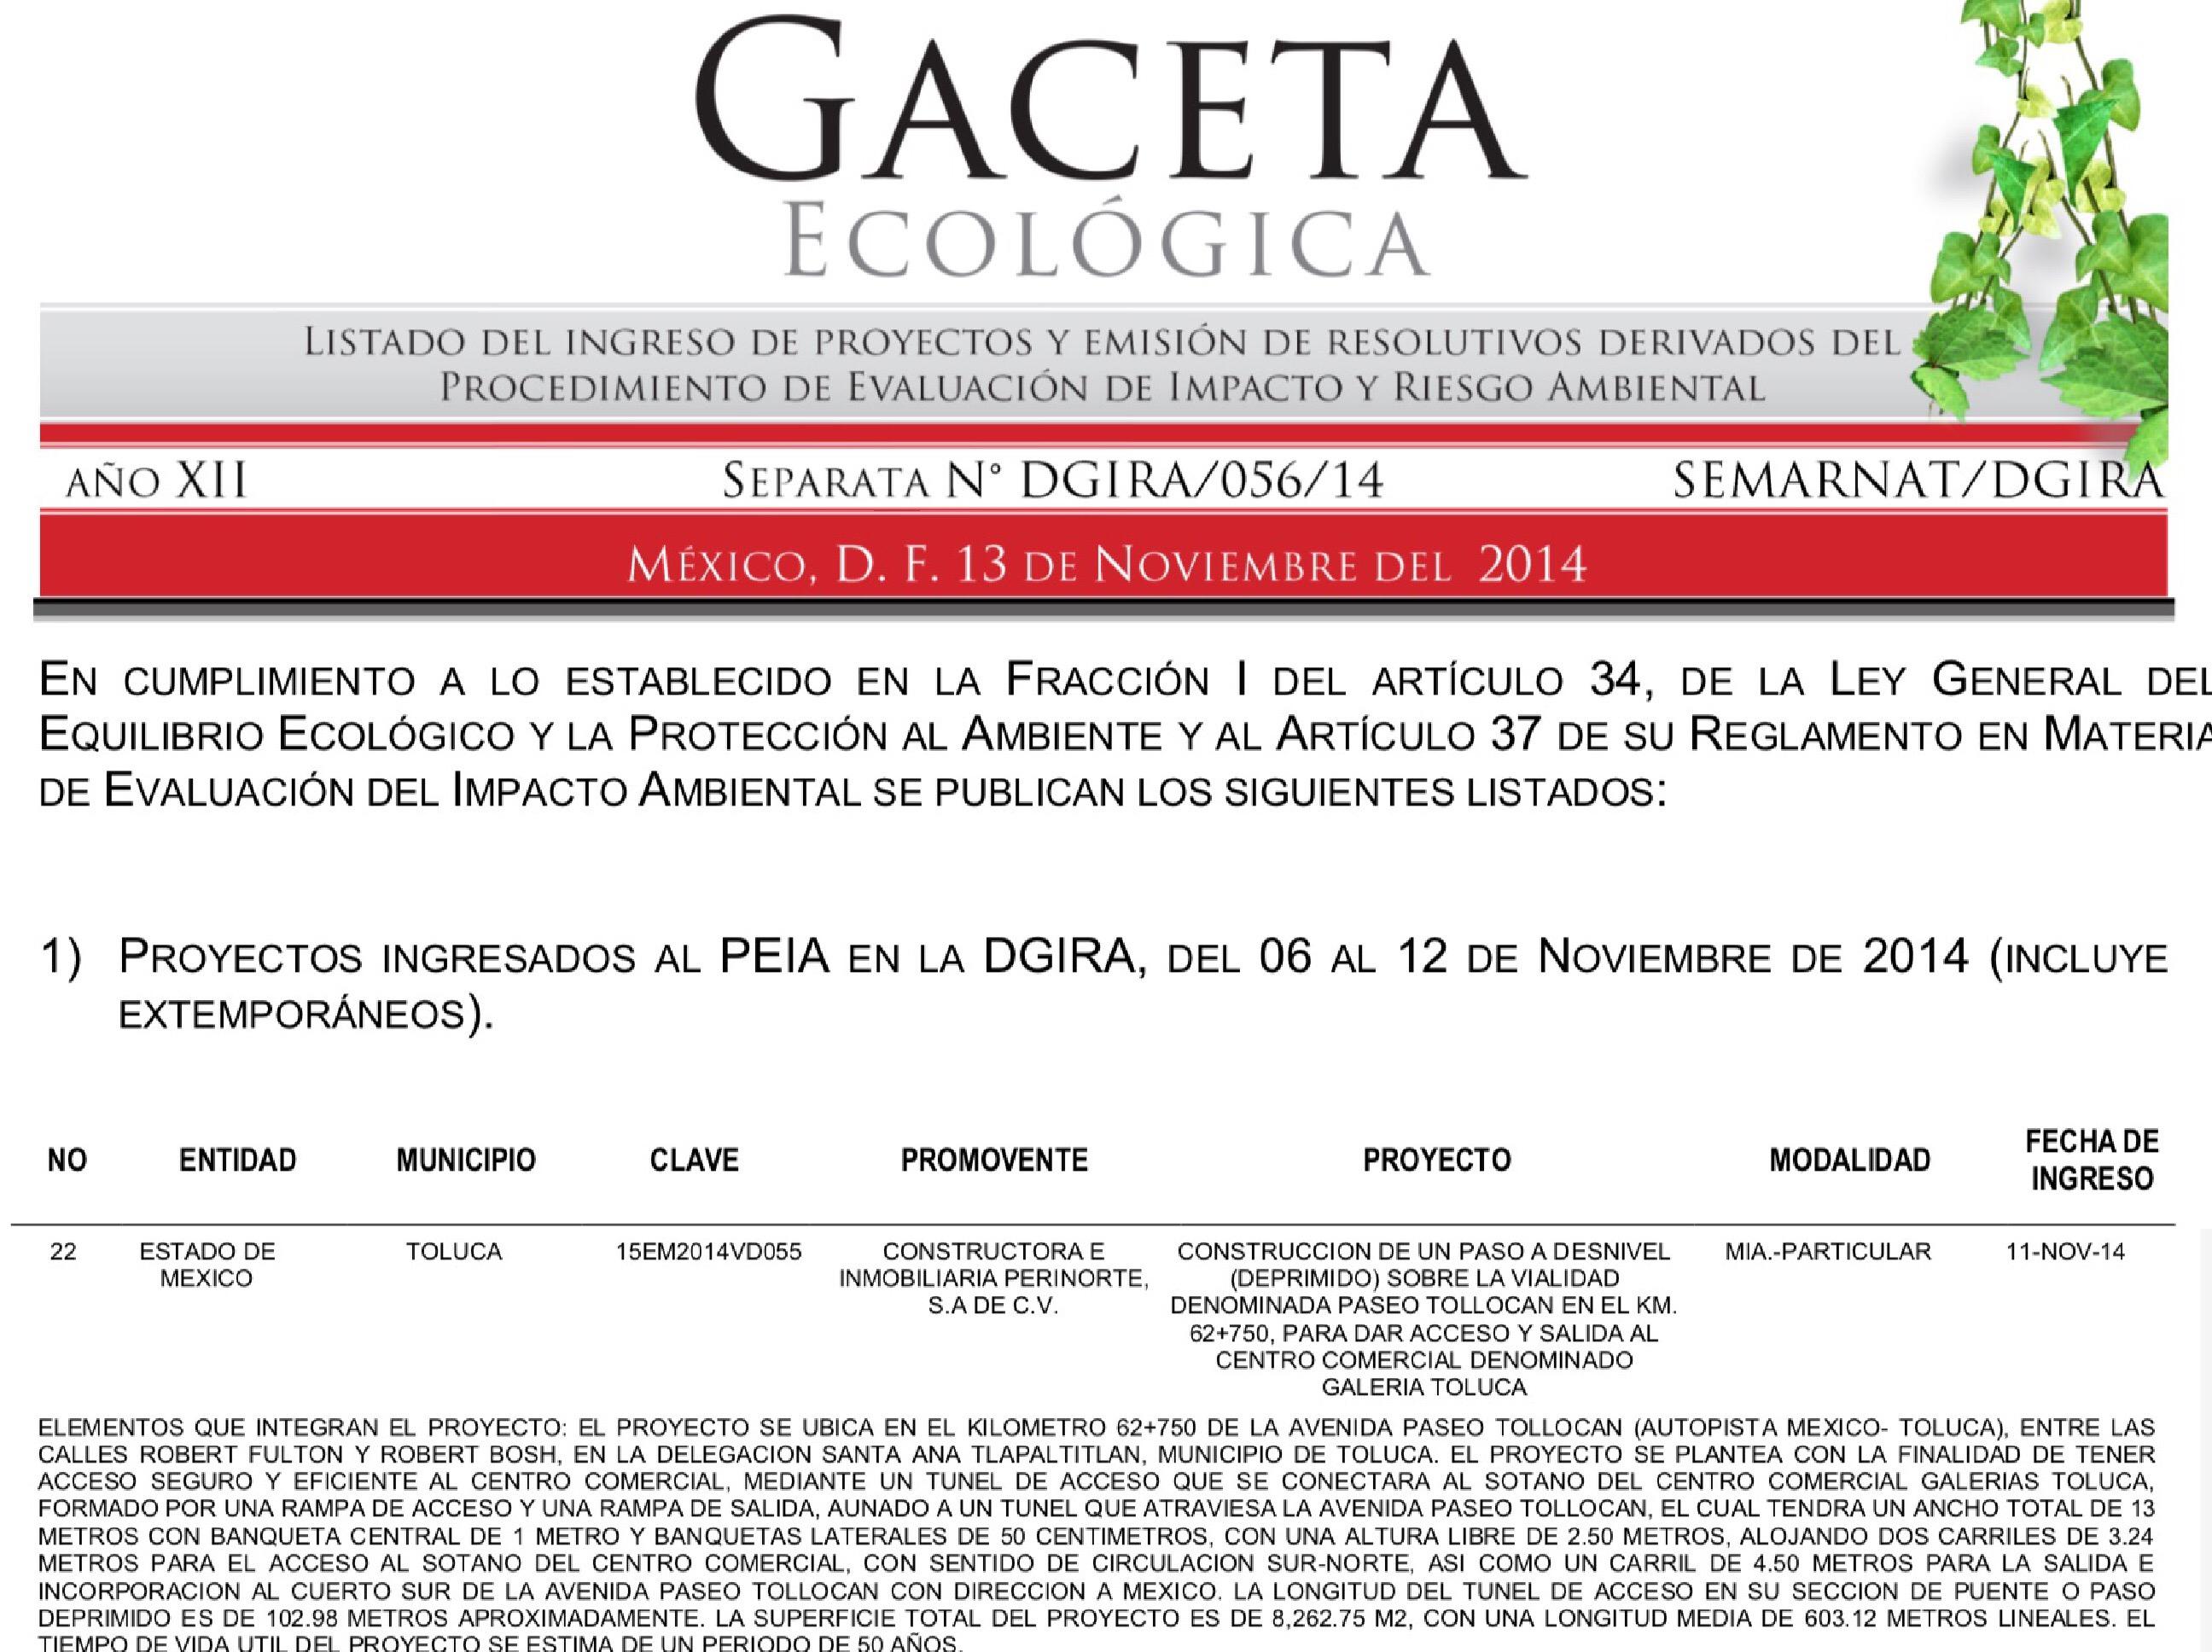 Acceso VIP a Galerías Toluca: gobierno dice no, documentos dicen que sí